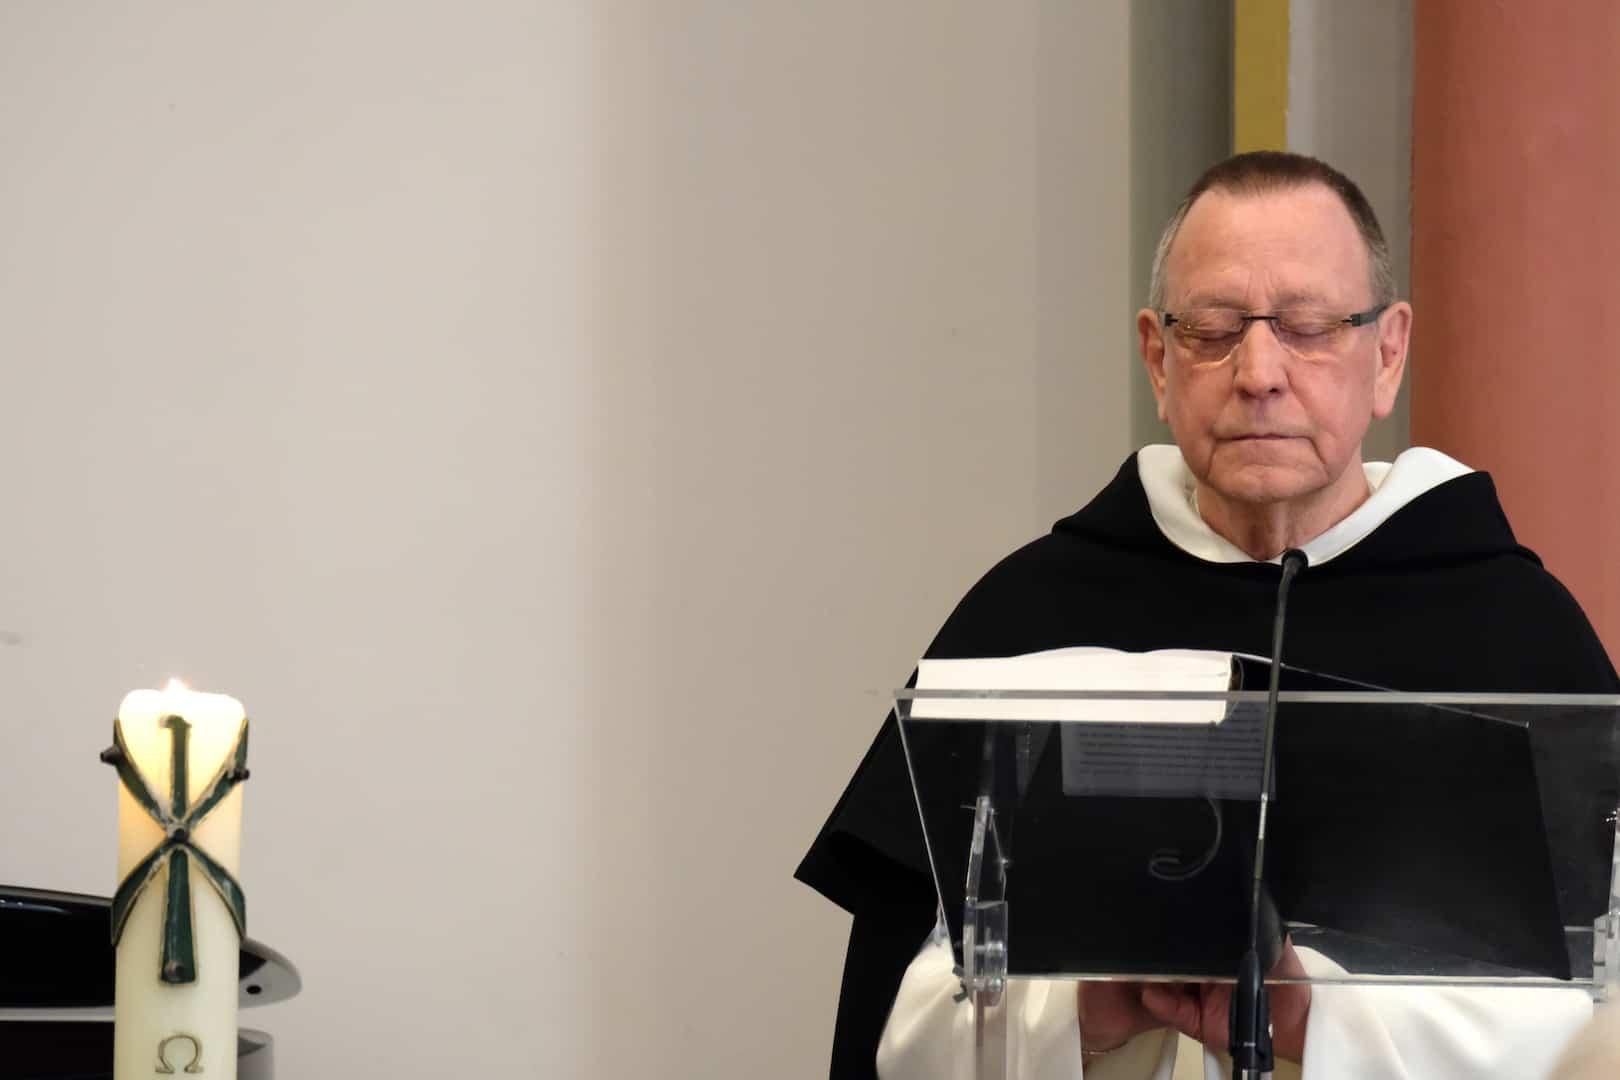 Henk Jongerius Uitvaart Ernst Marijnissen Huissen 16 februari 2018 -130 klein